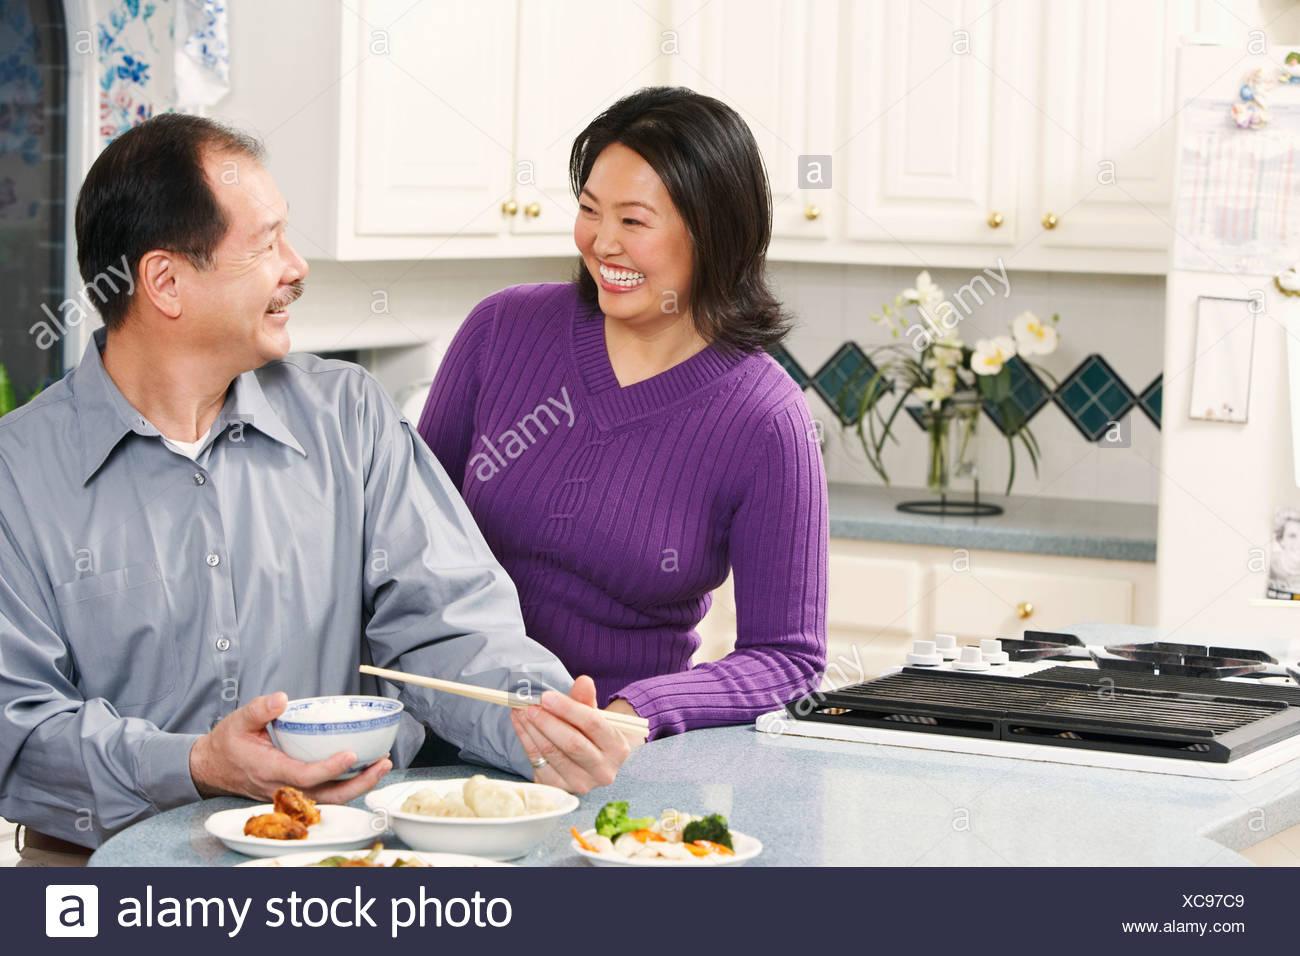 Close-up of a senior man looking at a mature woman - Stock Image